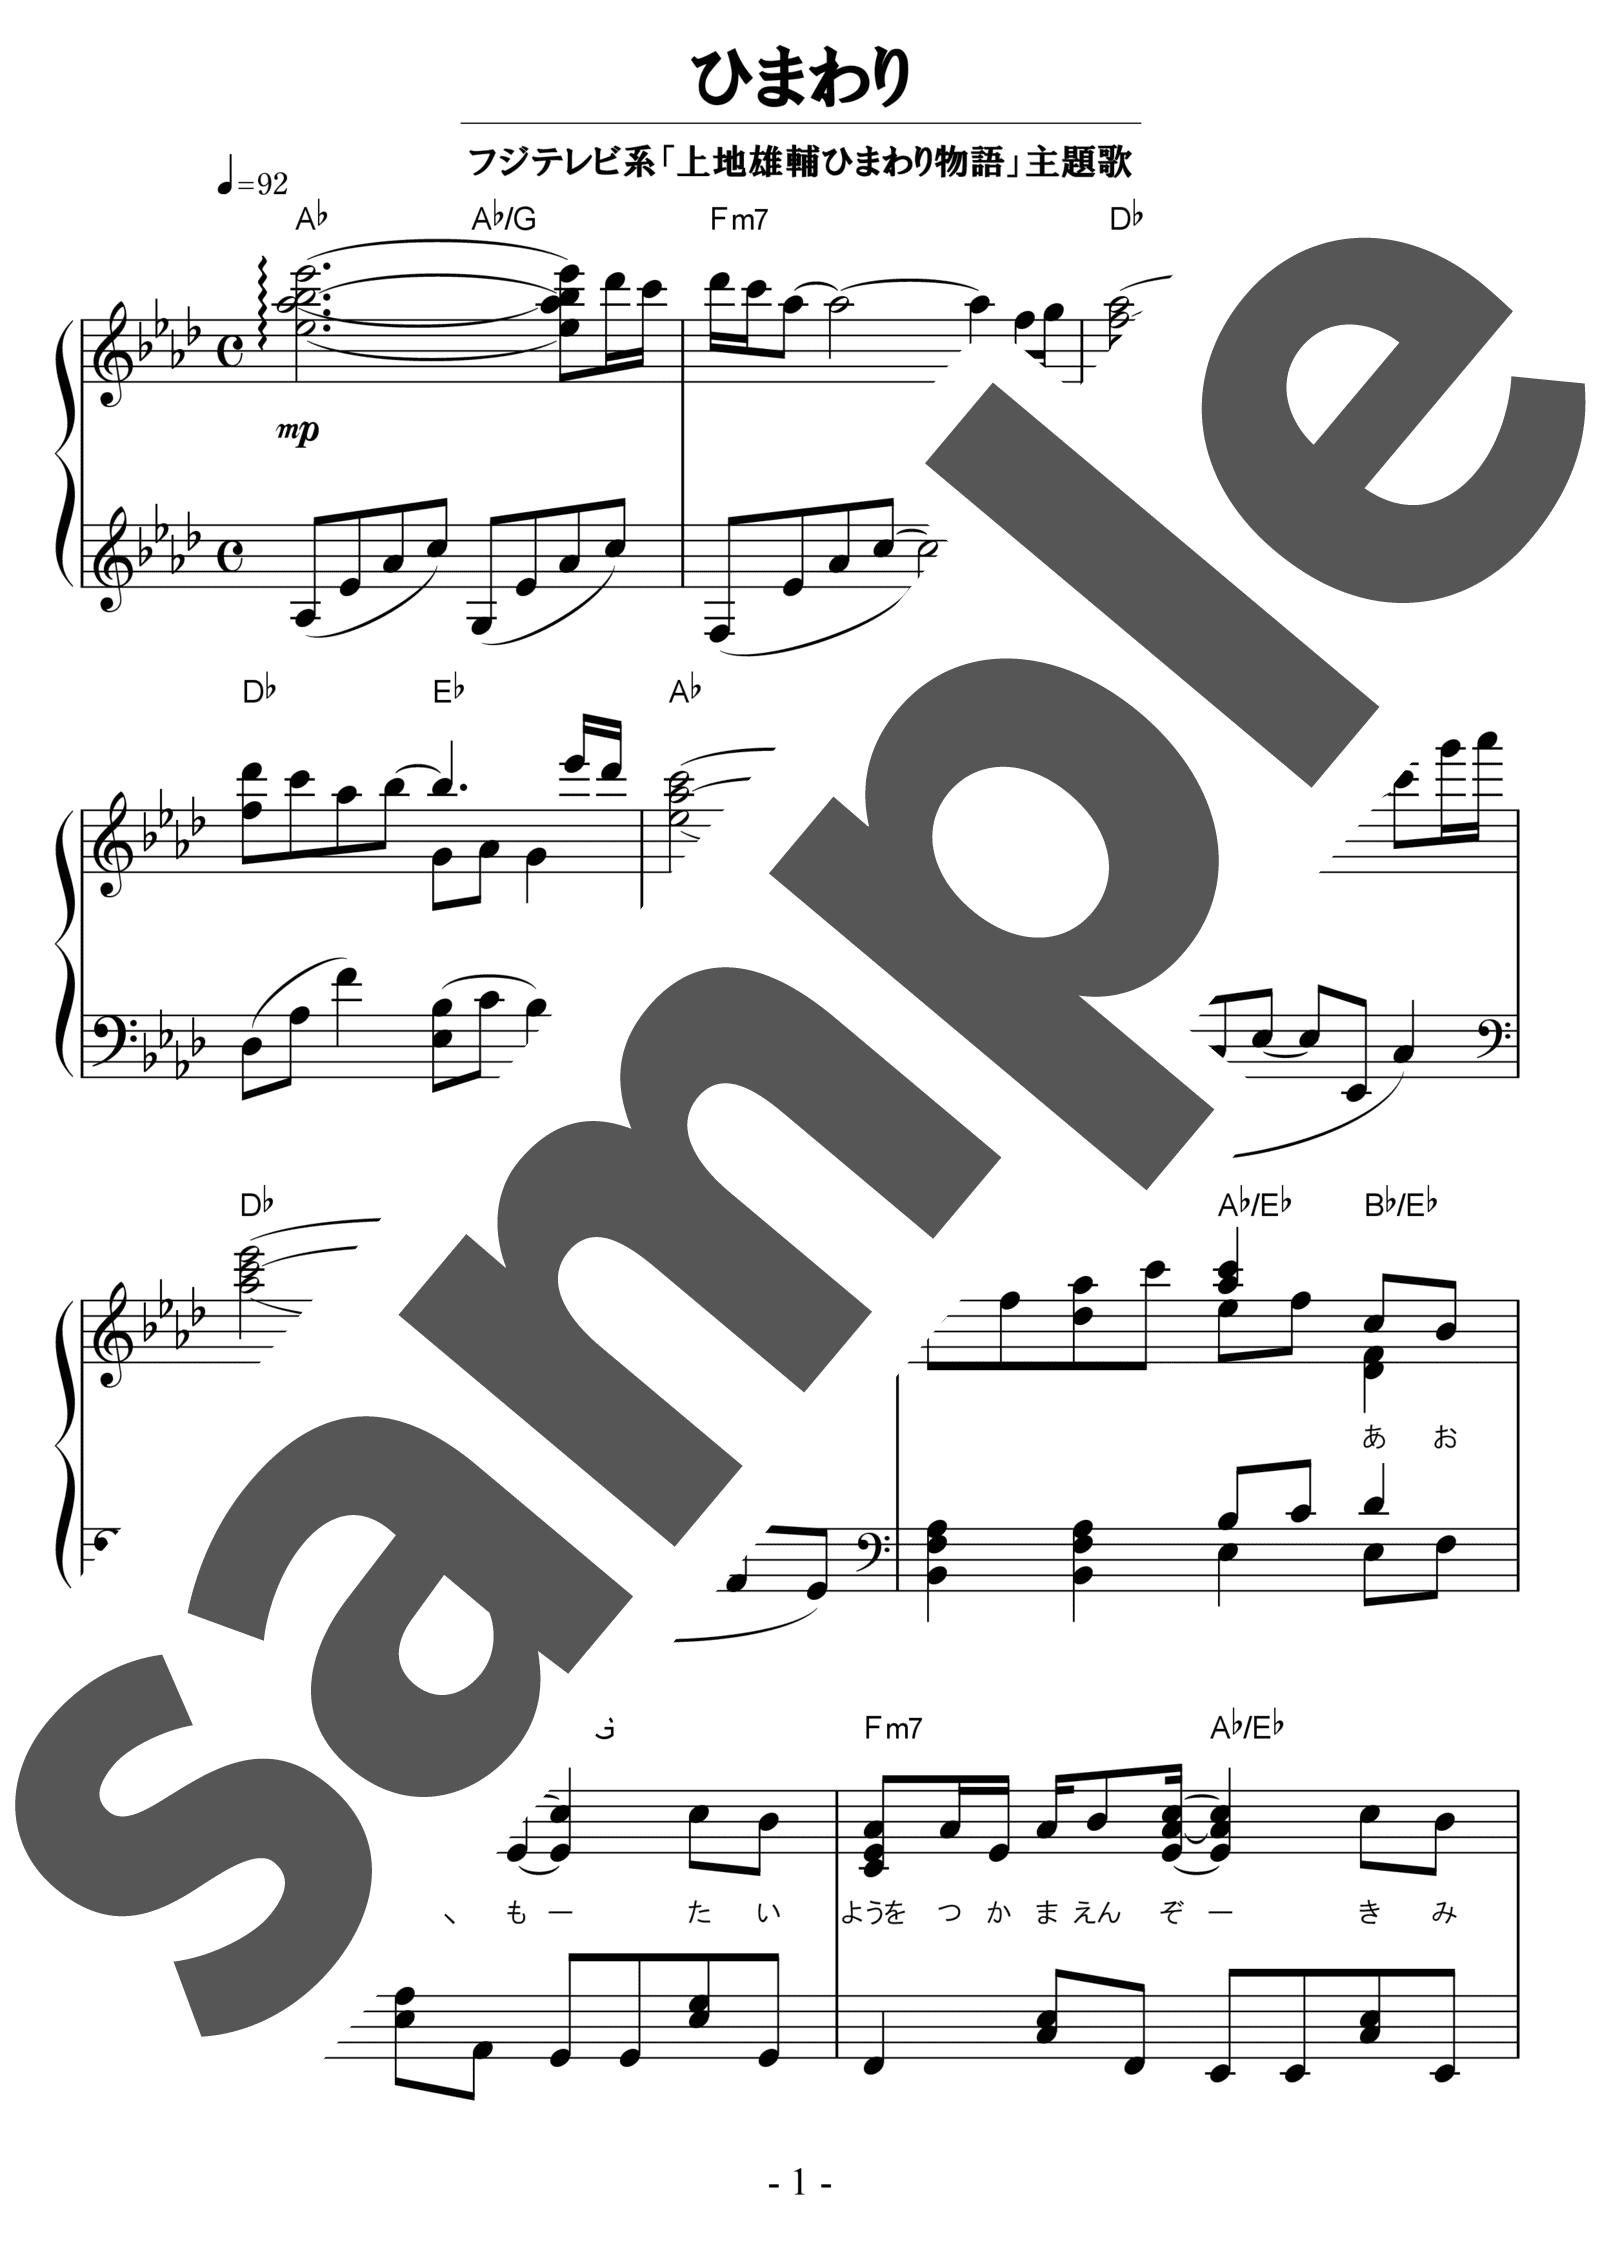 「ひまわり」のサンプル楽譜